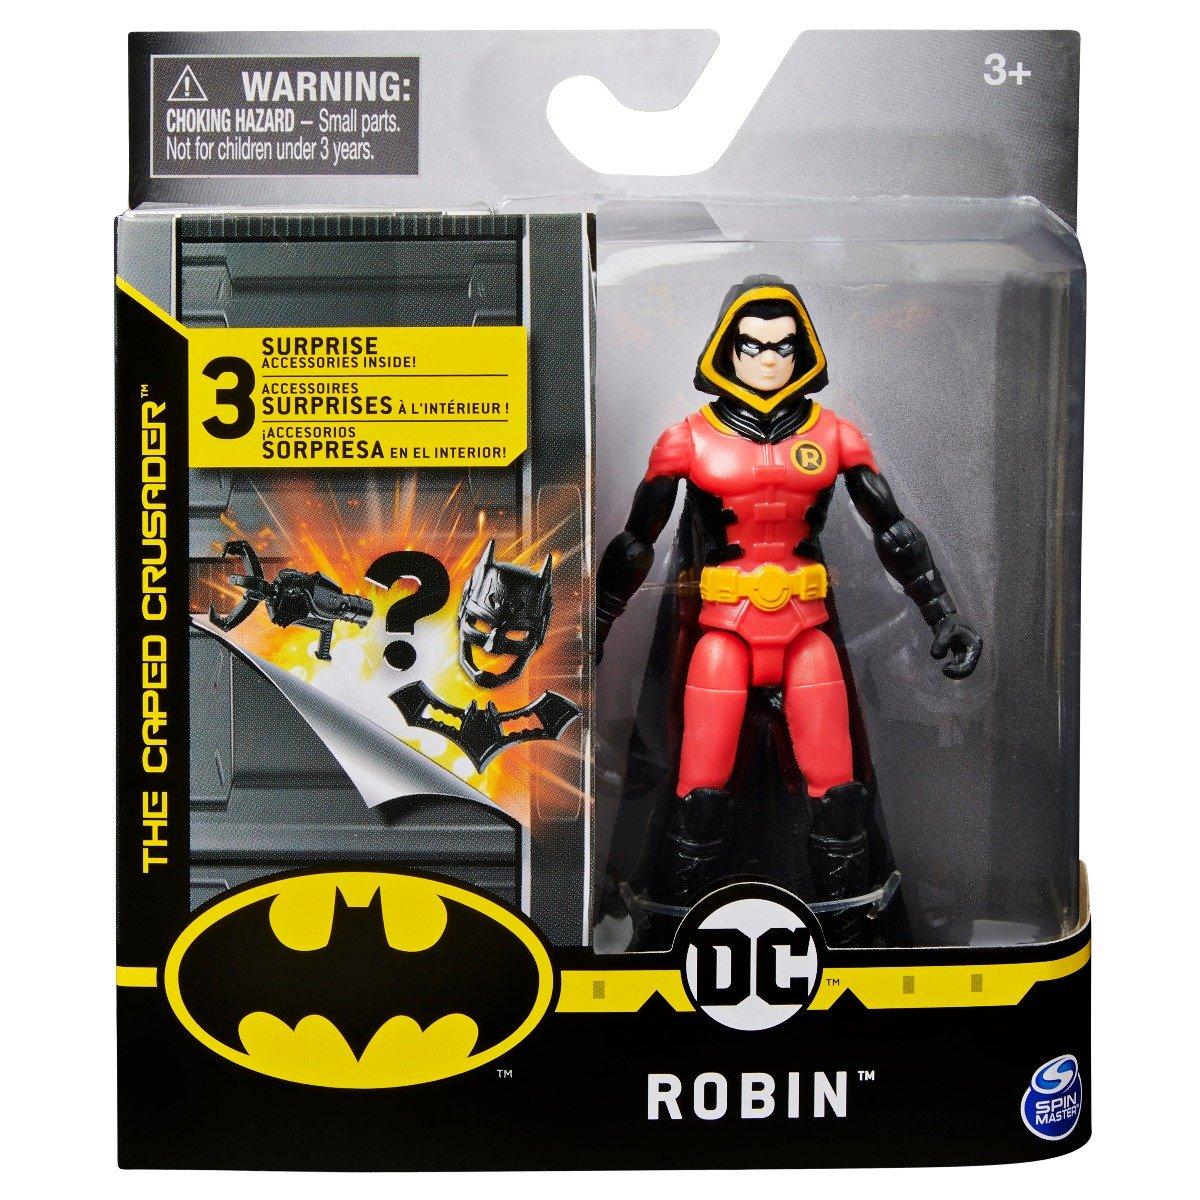 Set Figurina cu accesorii surpriza Batman, Robin S2, 20125789